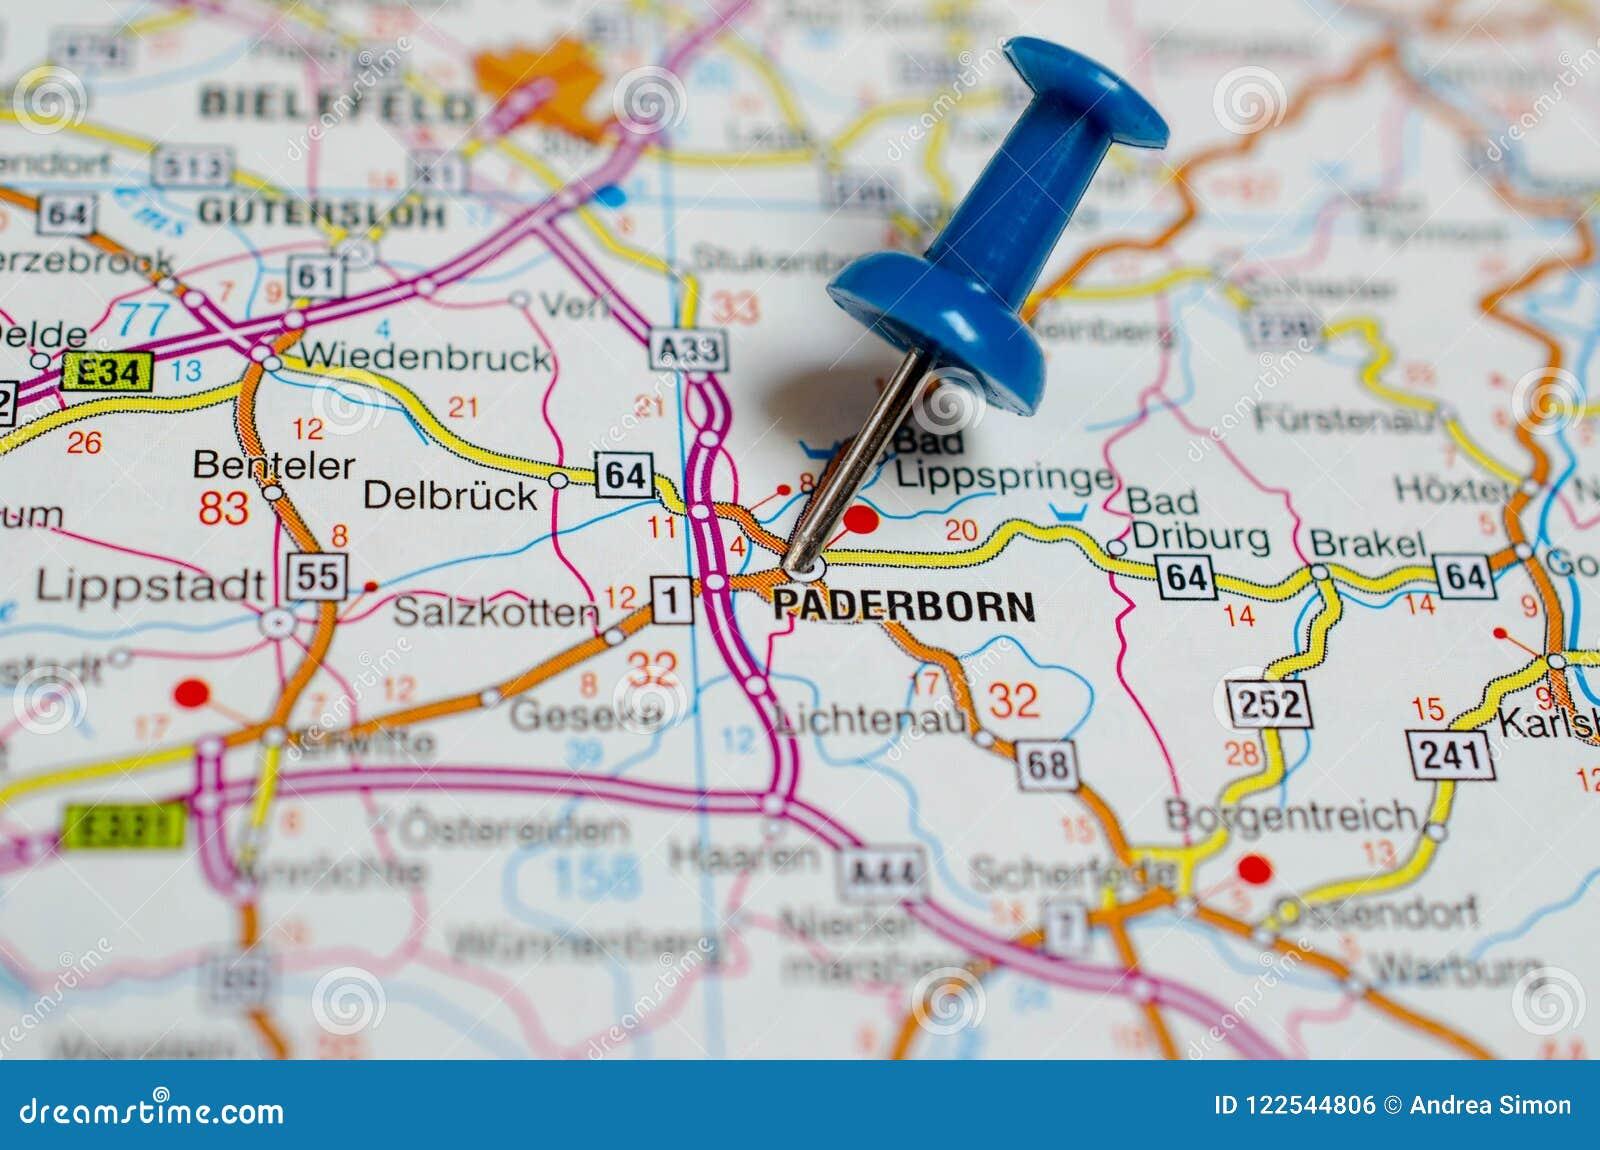 Karte Paderborn.Paderborn Auf Karte Stockfoto Bild Von Papier Karte 122544806